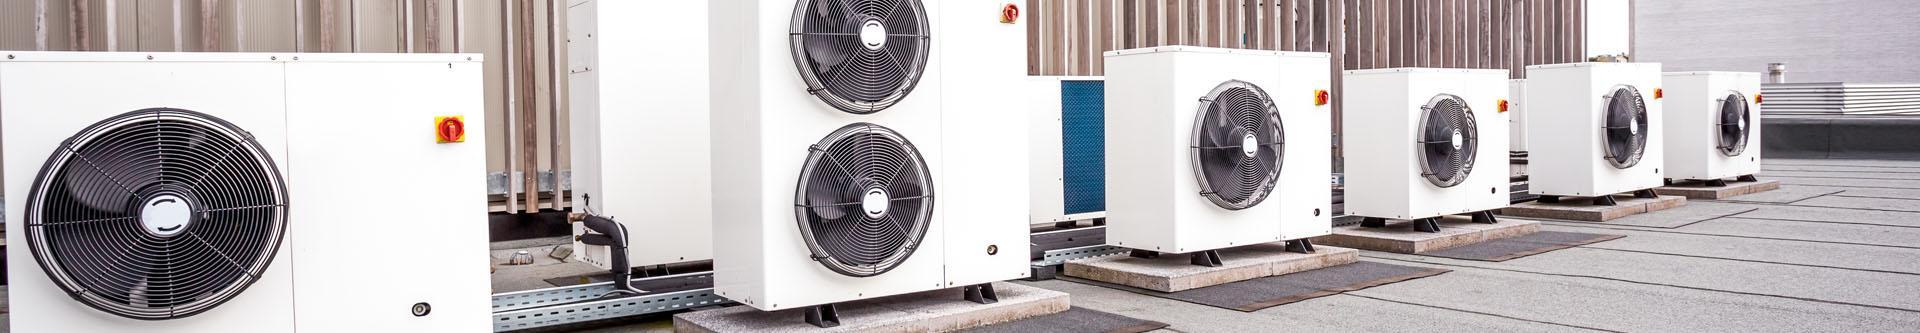 wentylatory klimatyzacji